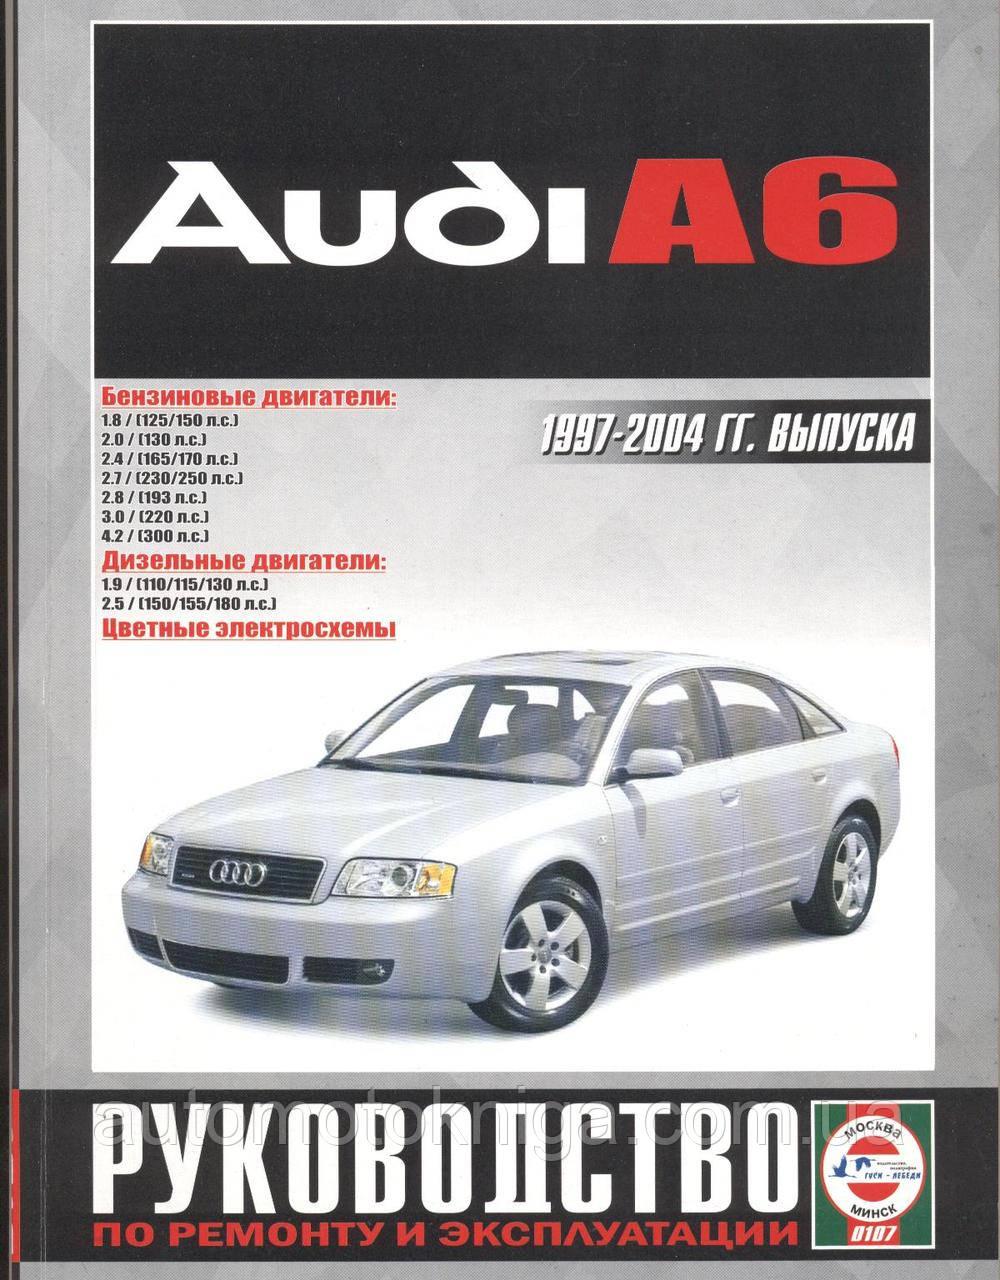 AUDI A 6  Бензин • Дизель  Модели 1997-2004 гг. выпуска   Руководство по ремонту и эксплуатации